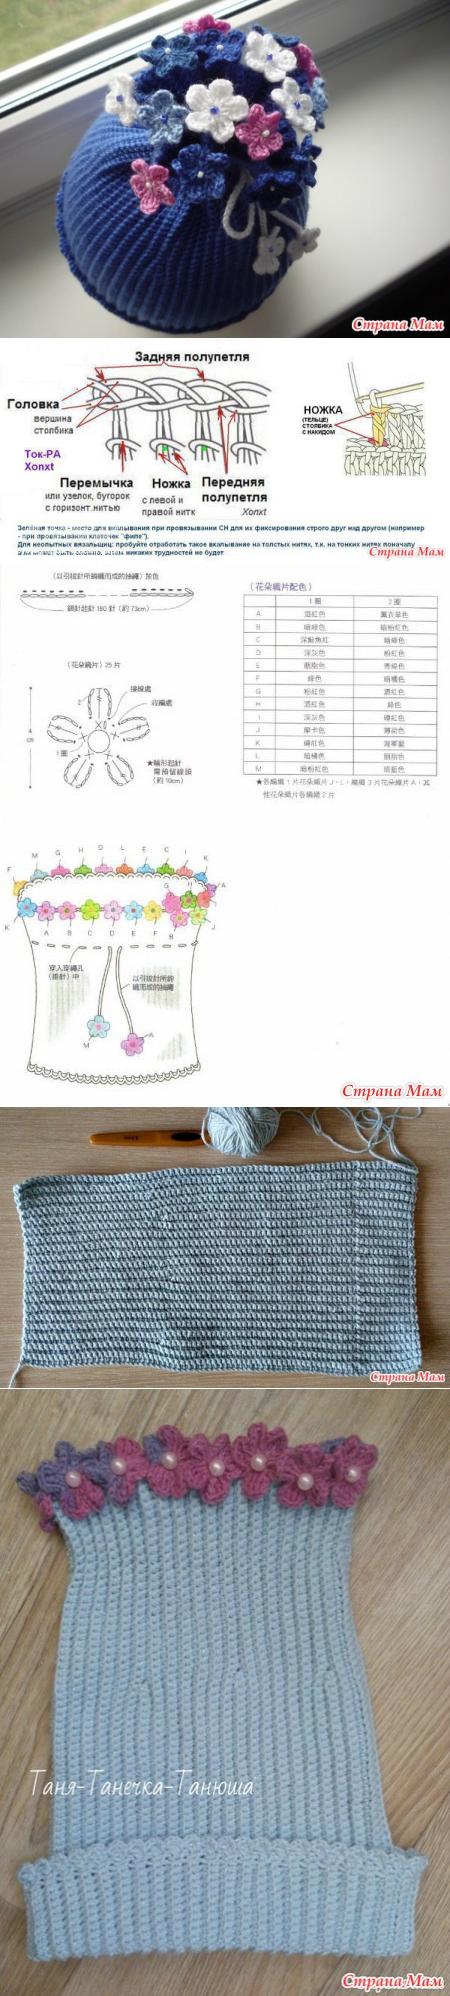 Вязание, валяние | Gorros, Tejido y Gorros crochet